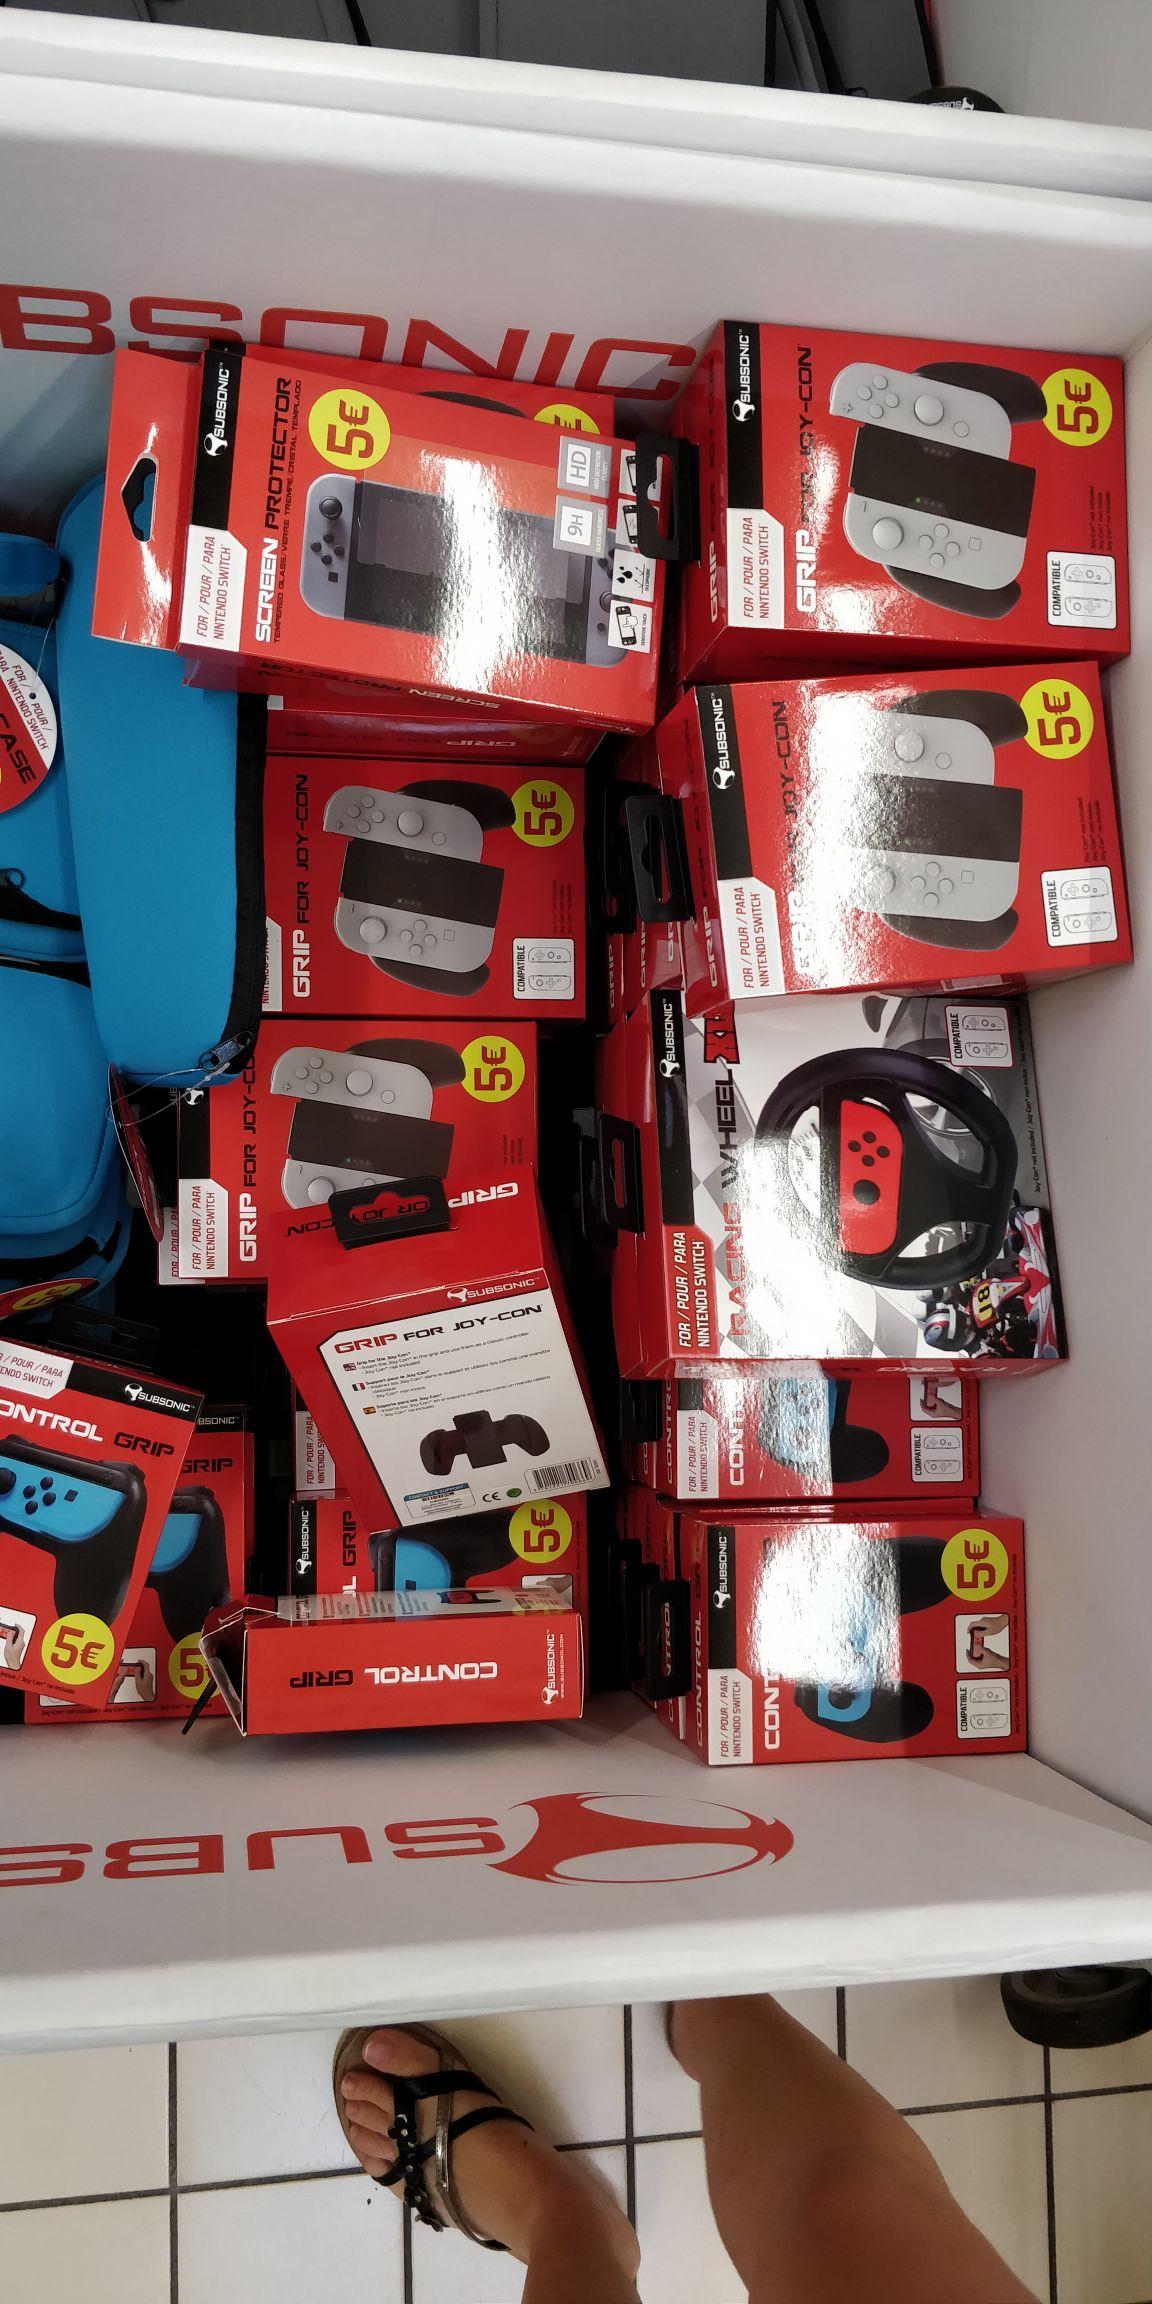 Sélection d'Accessoires Subsonic pour Nintendo Switch à 5€ - Leers (59)